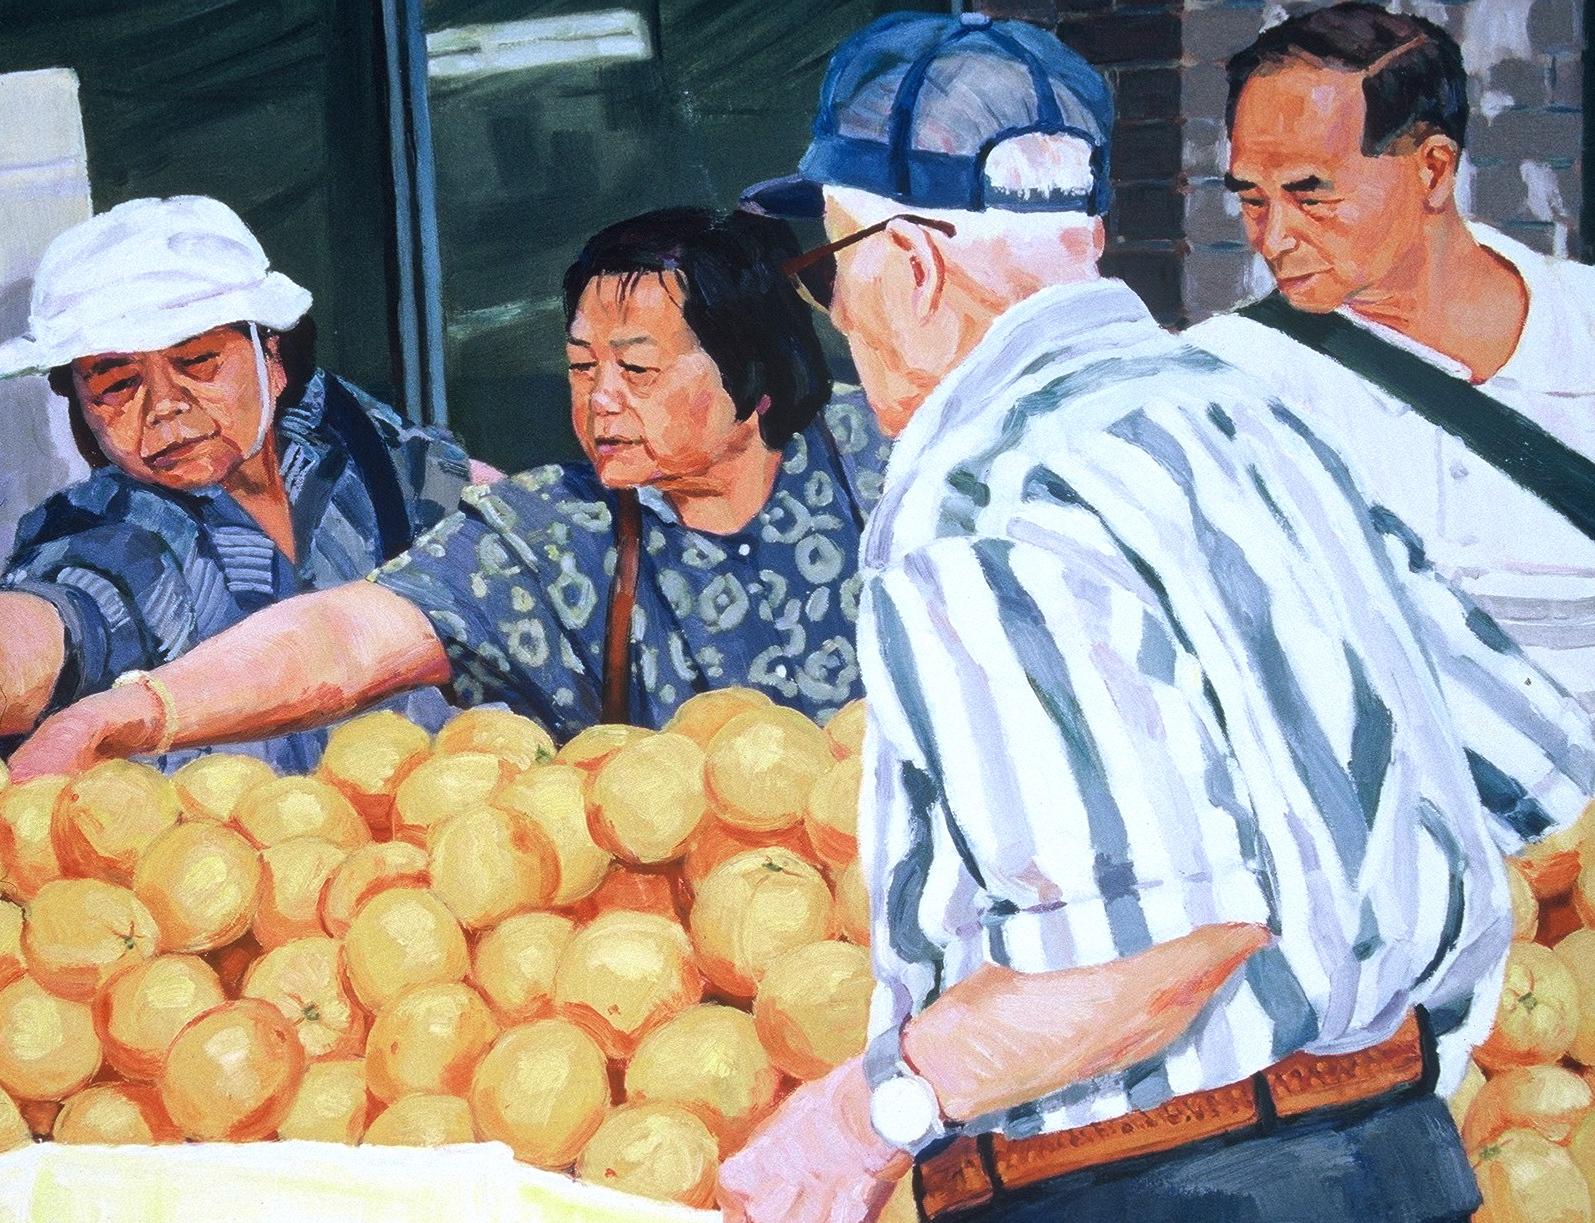 The Orange Pickers